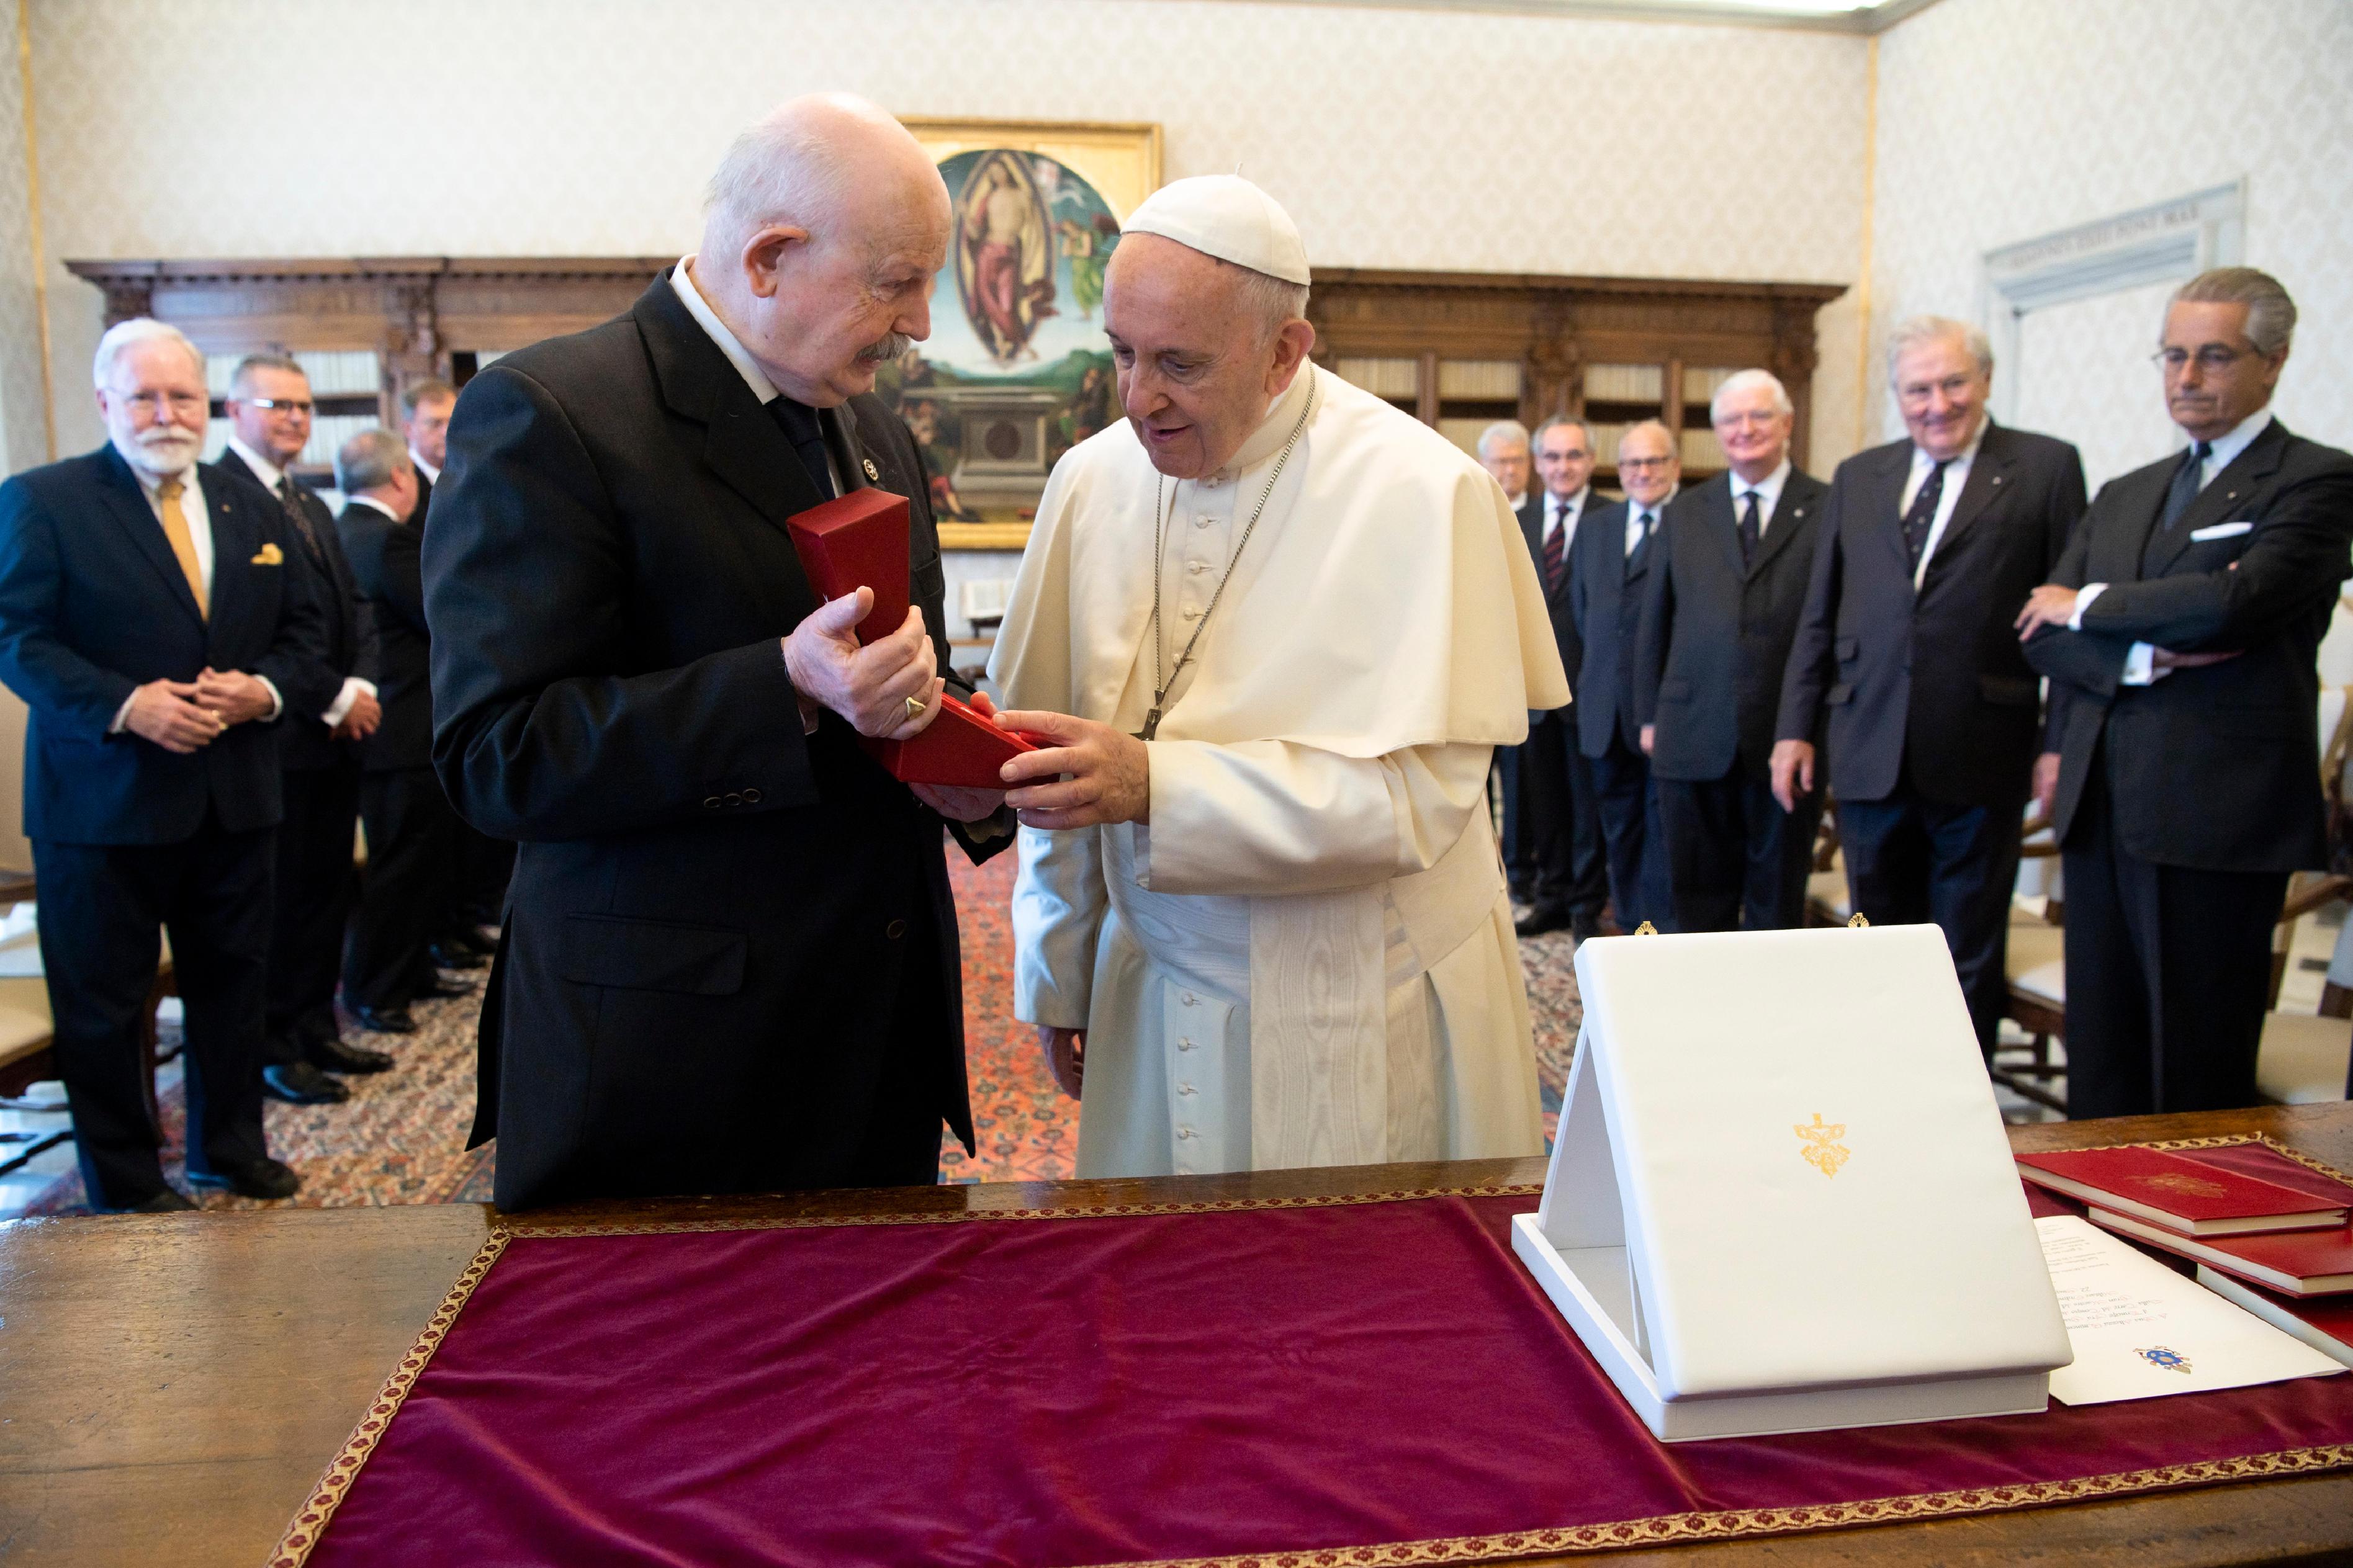 Grand Maître de l'Ordre de Malte 22/6/2018 © Vatican Media